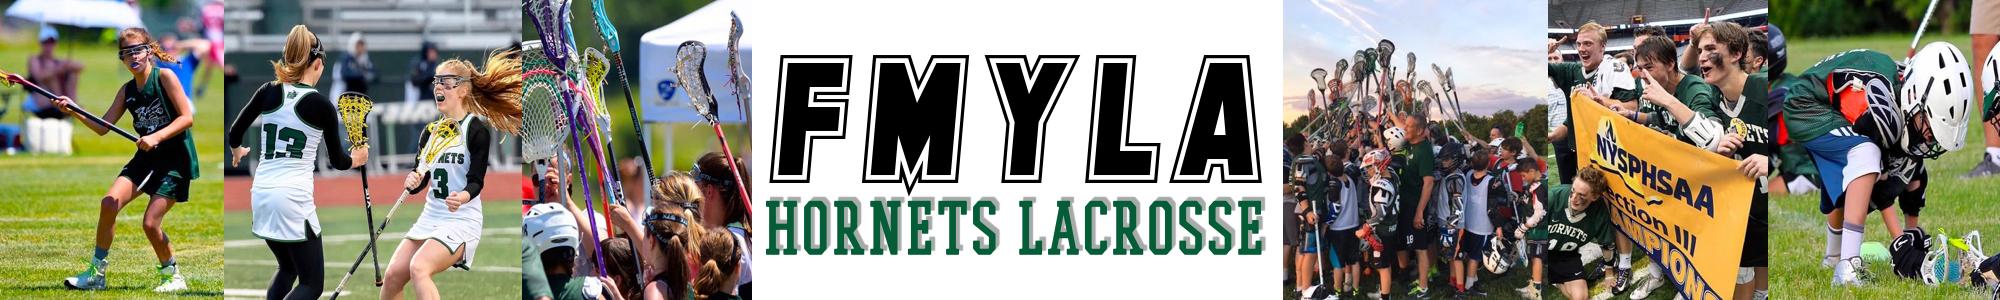 Fayetteville Manlius Youth Lacrosse Association, Lacrosse, Goal, Field